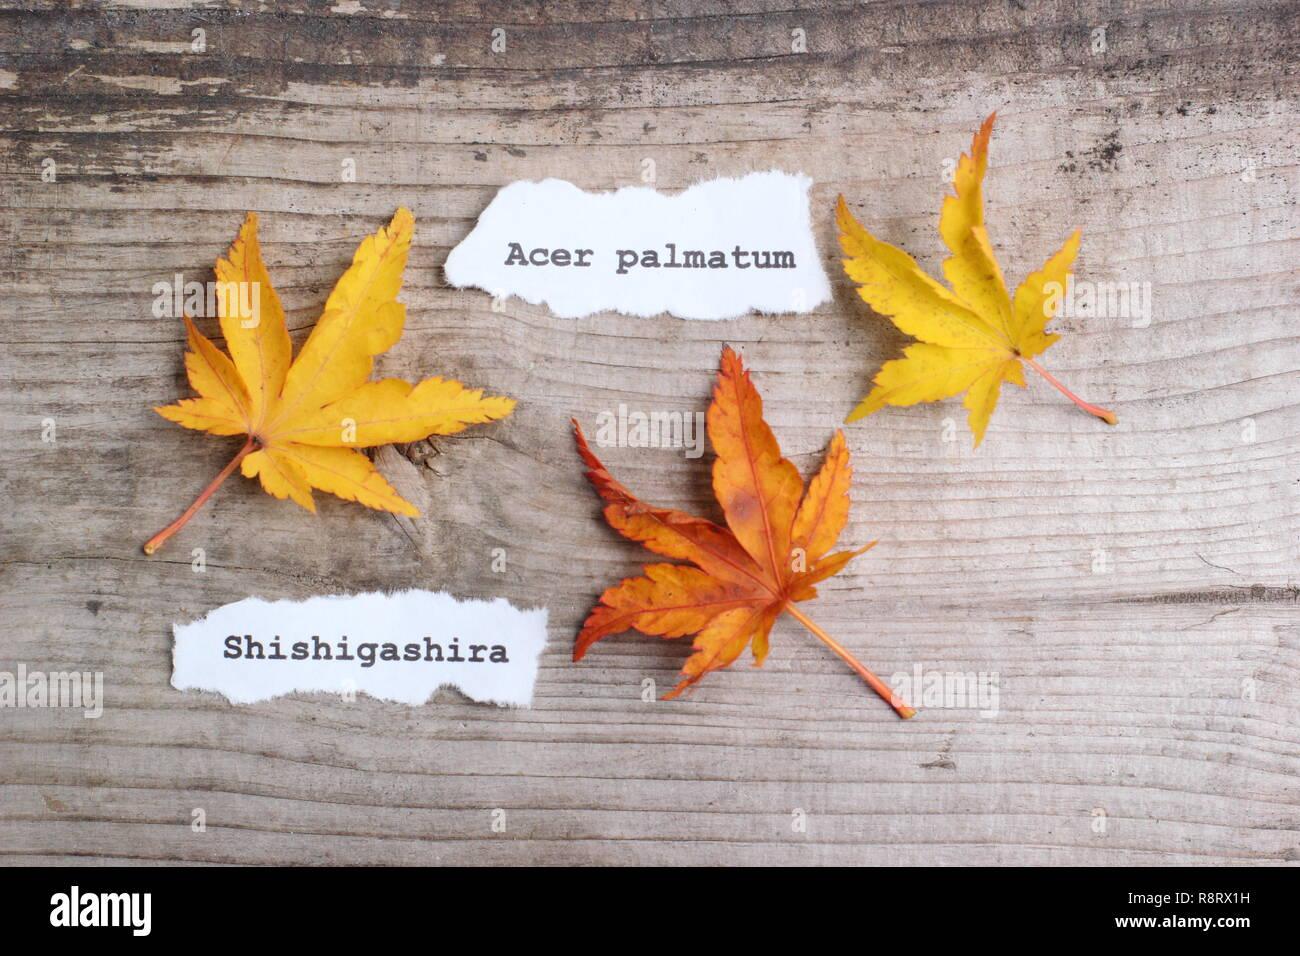 Acer Palmatum Shishigashira Japanese Maple Leaves Showing Autumn